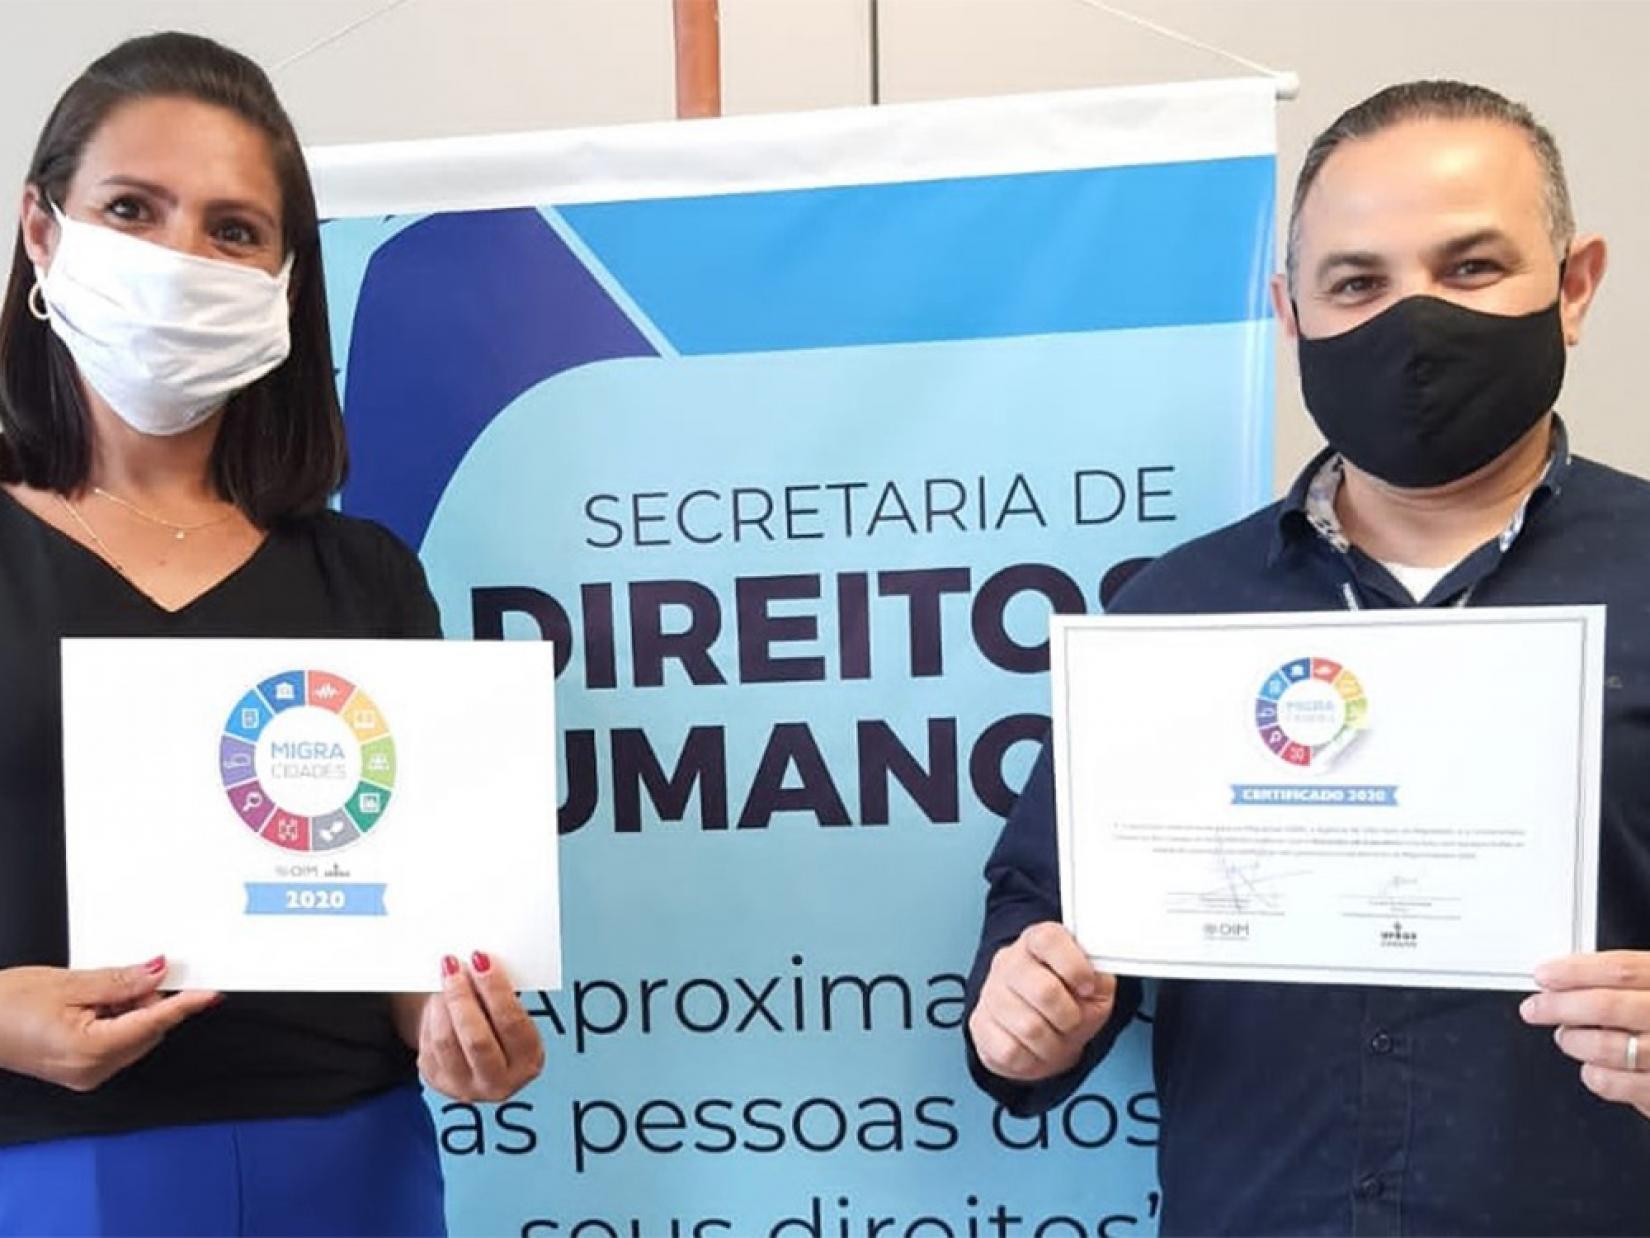 Representantes da Prefeitura de Guarulhos no recebimento do Selo MigraCidades pelo município paulista.